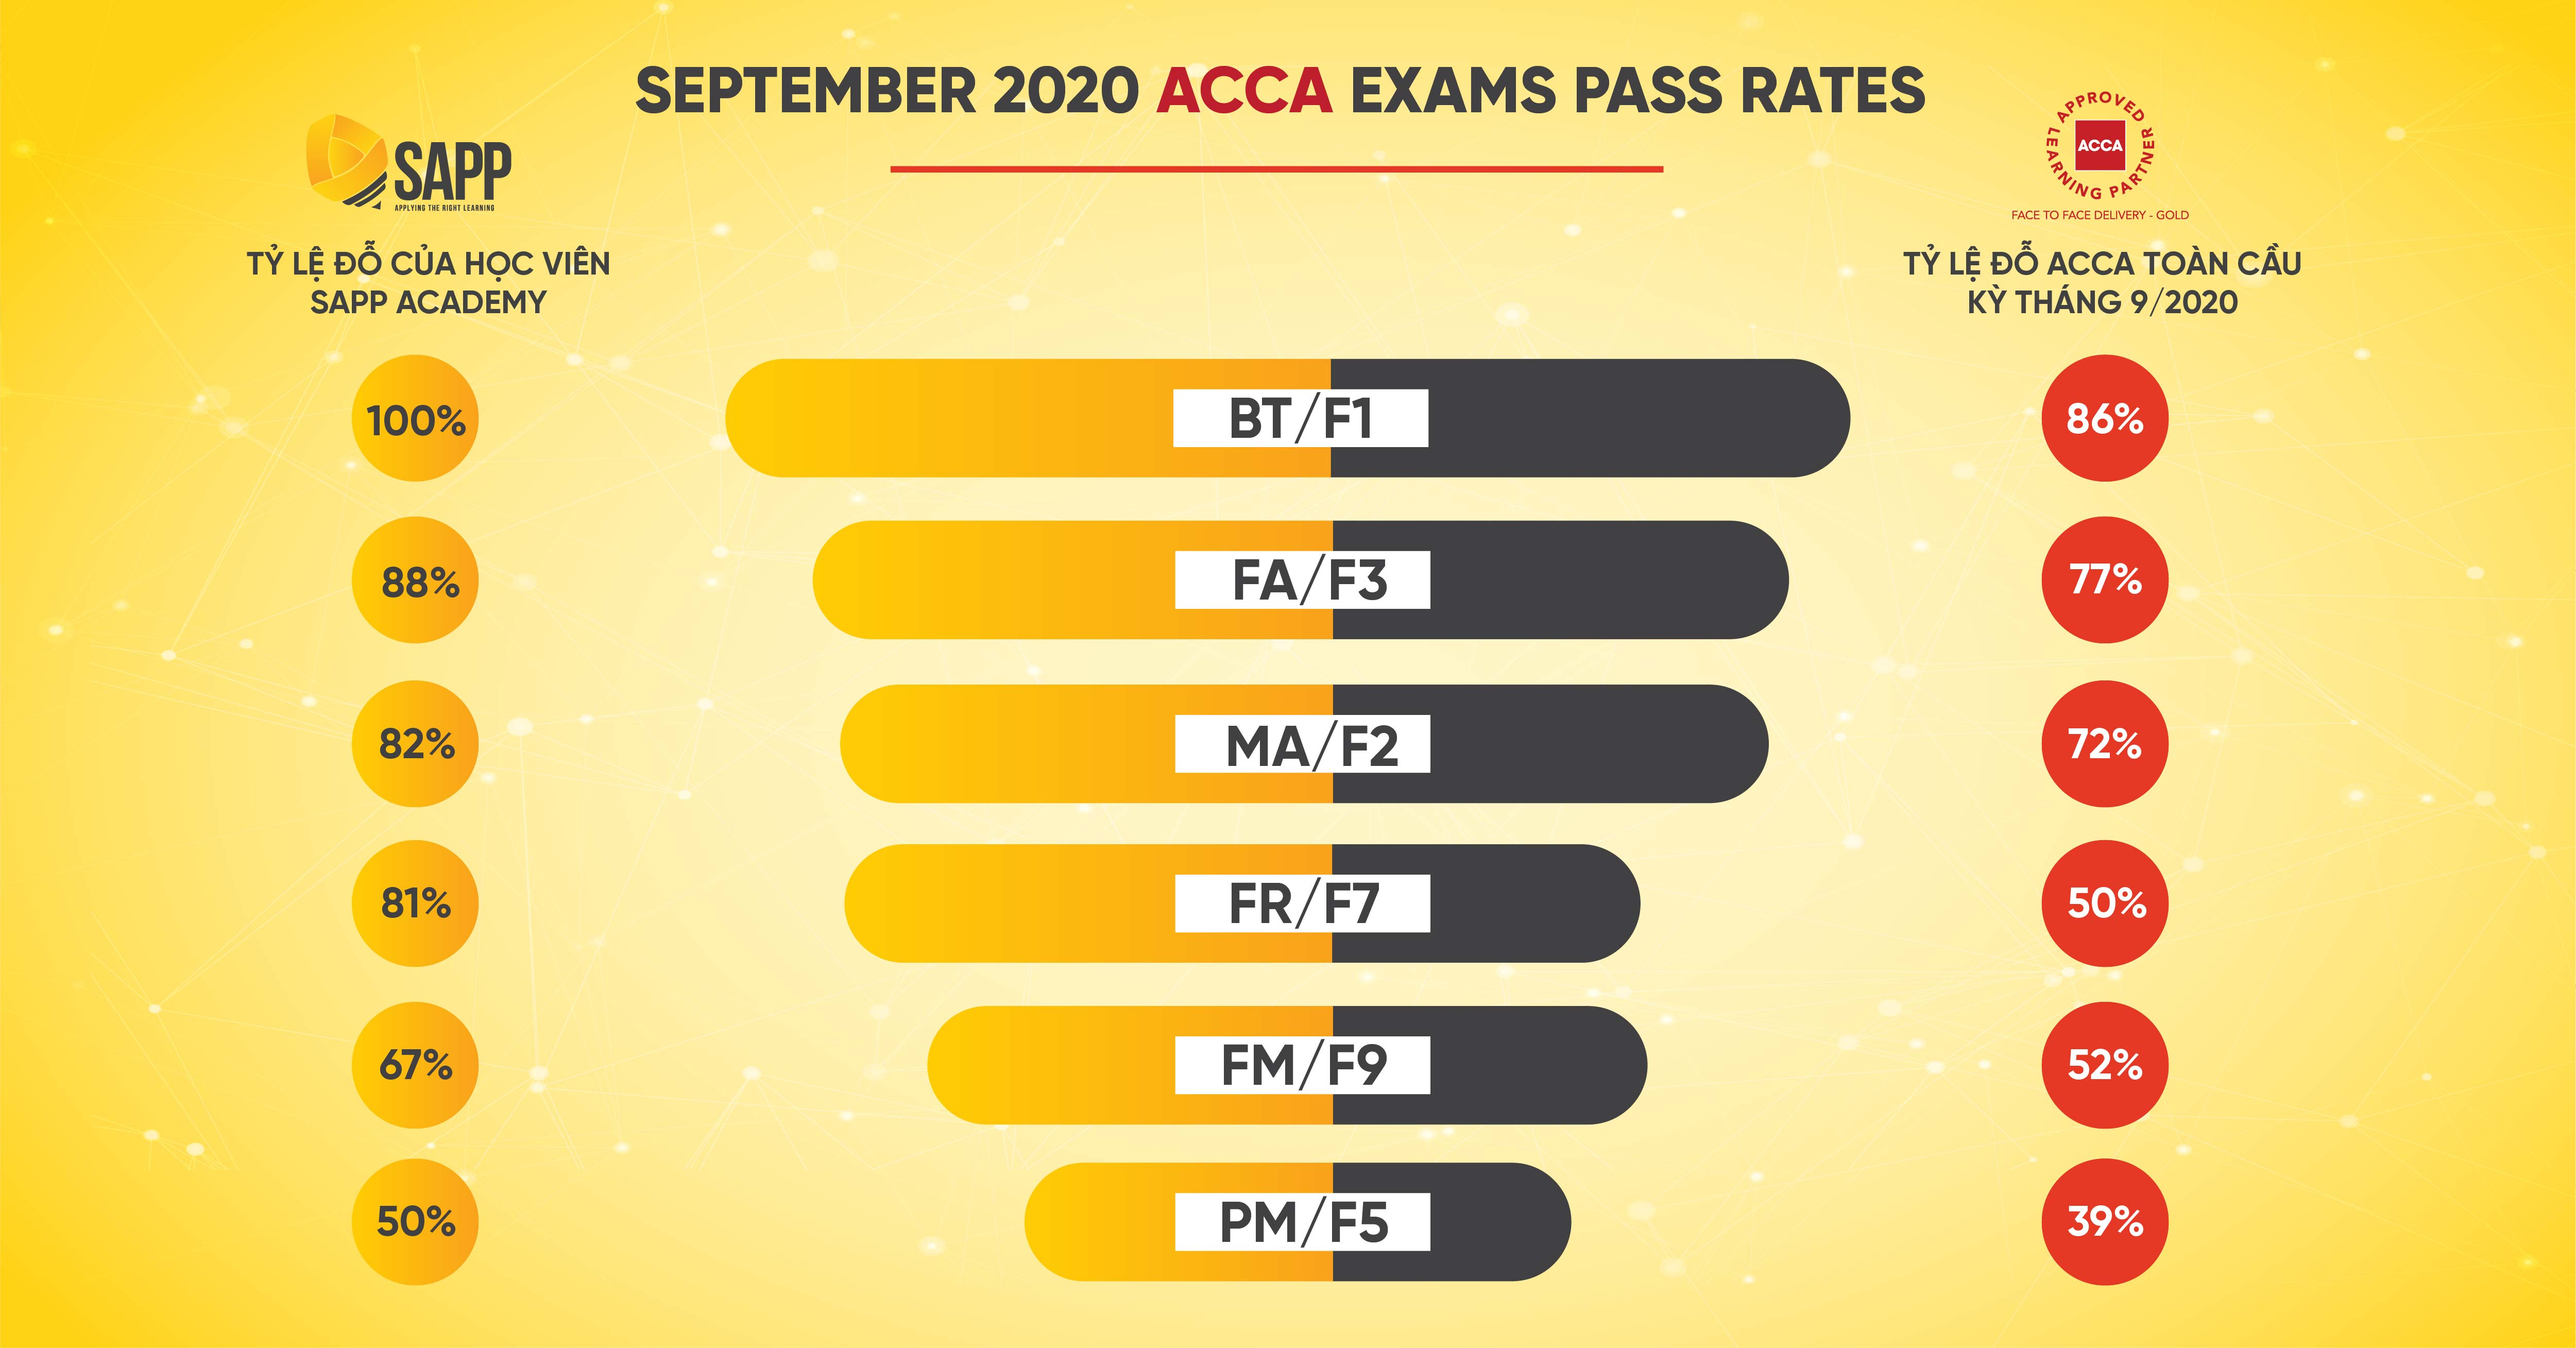 100% tỷ lệ pass ACCA Kỳ tháng 9/2020 của SAPP Academy vượt trội hơn toàn cầu